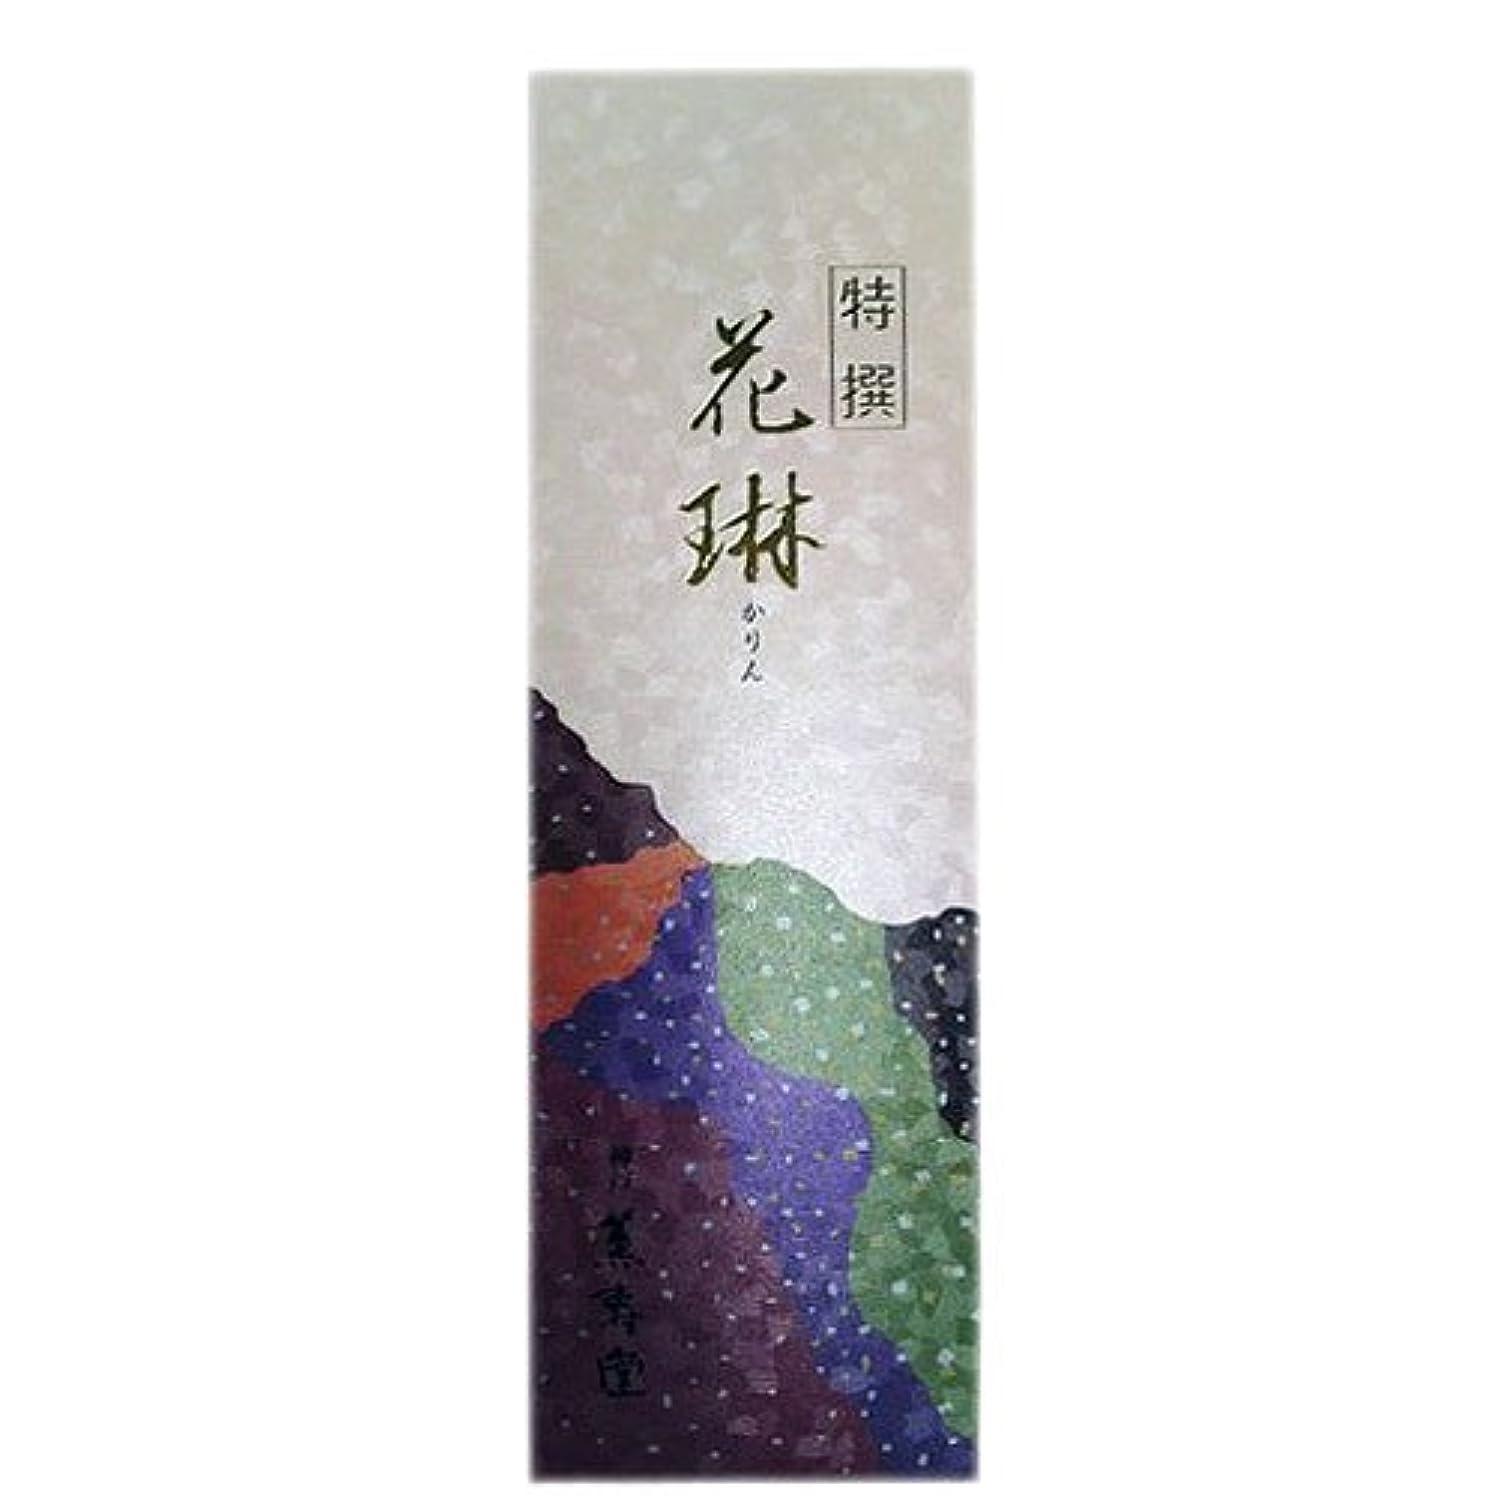 適合する削るブリード薫寿堂 特撰花琳 スリム 018 30g